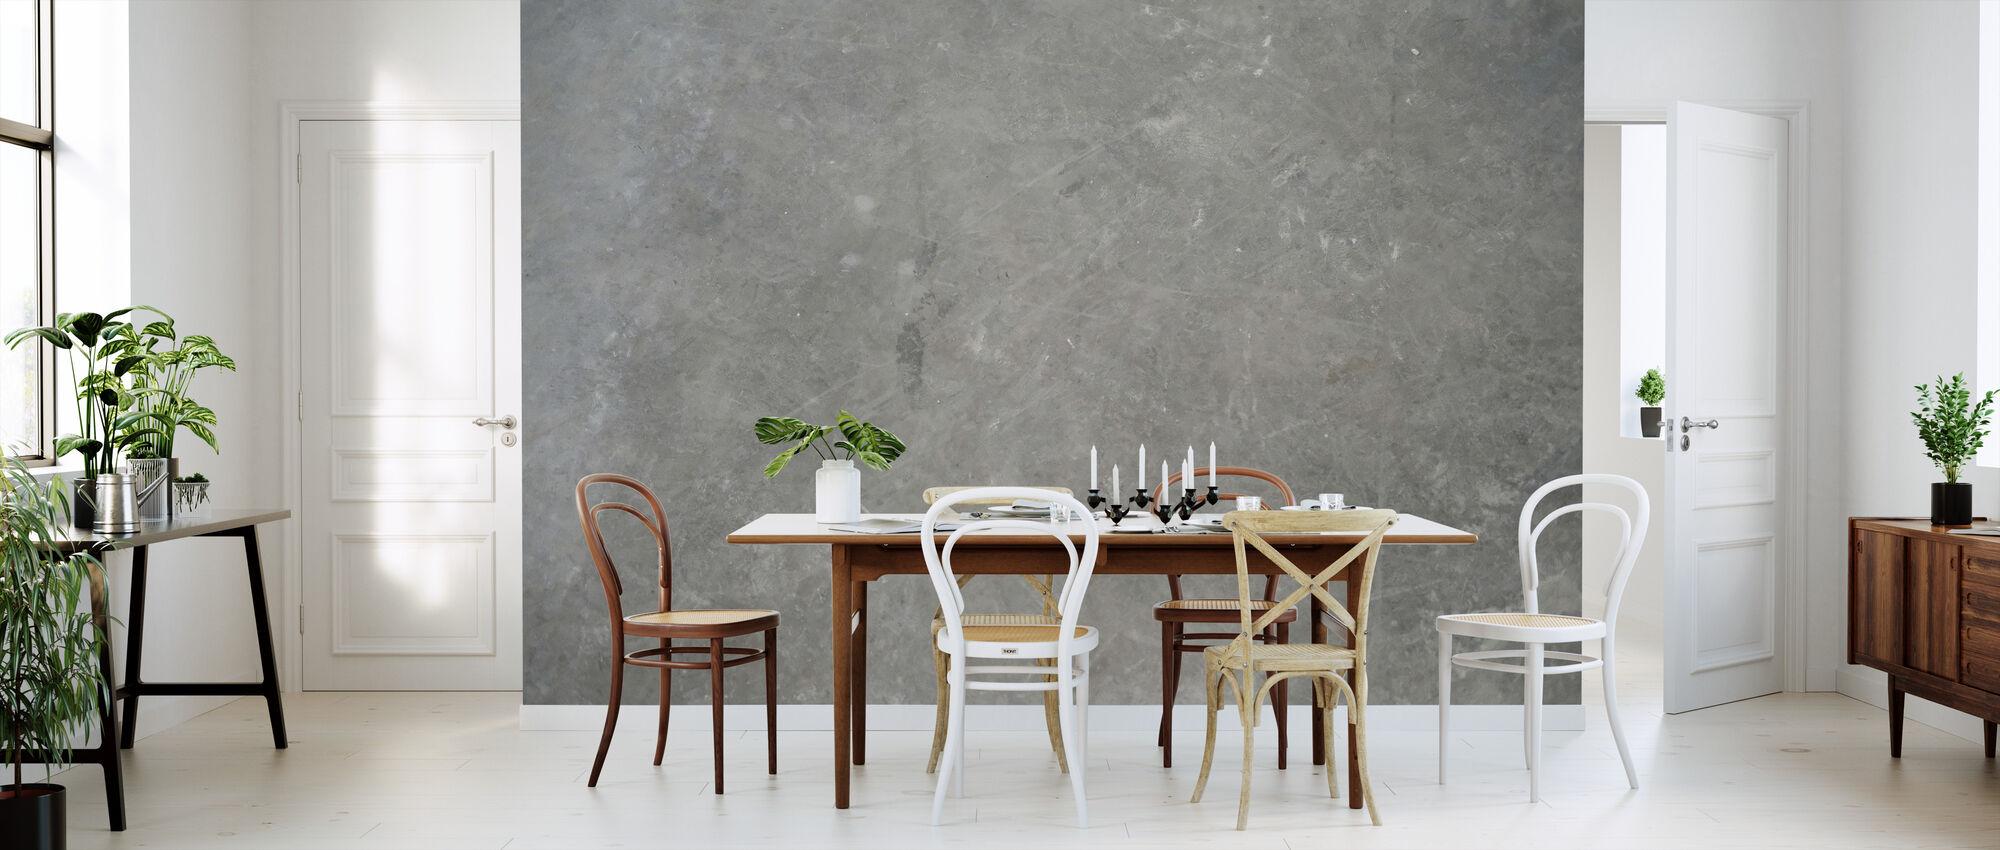 Gray Concrete Wall - Wallpaper - Kitchen